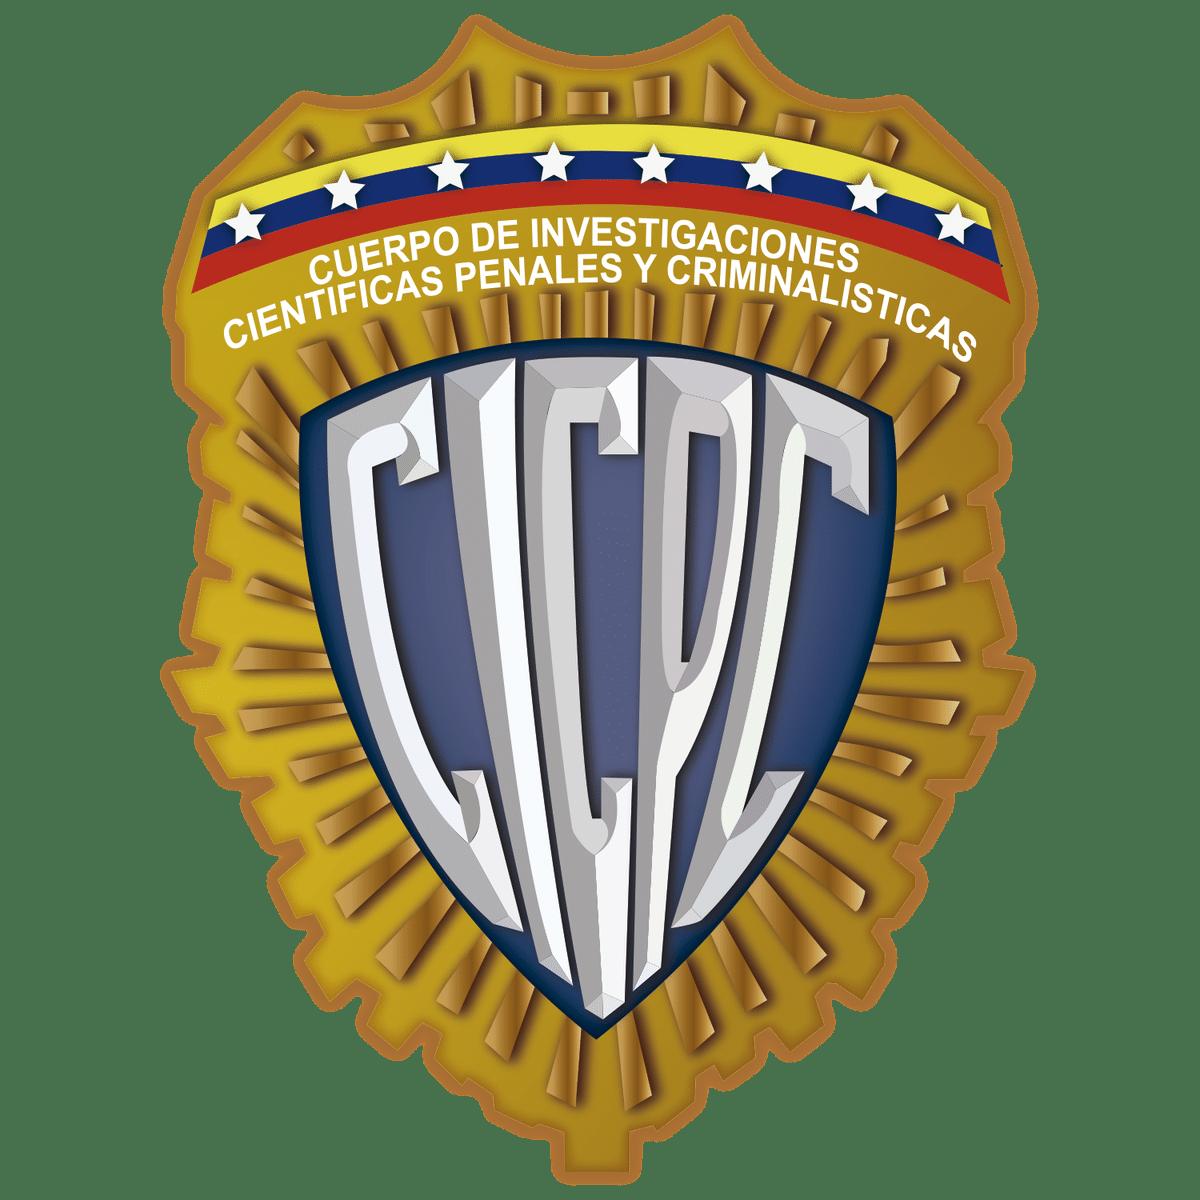 requisitos para el cicpc